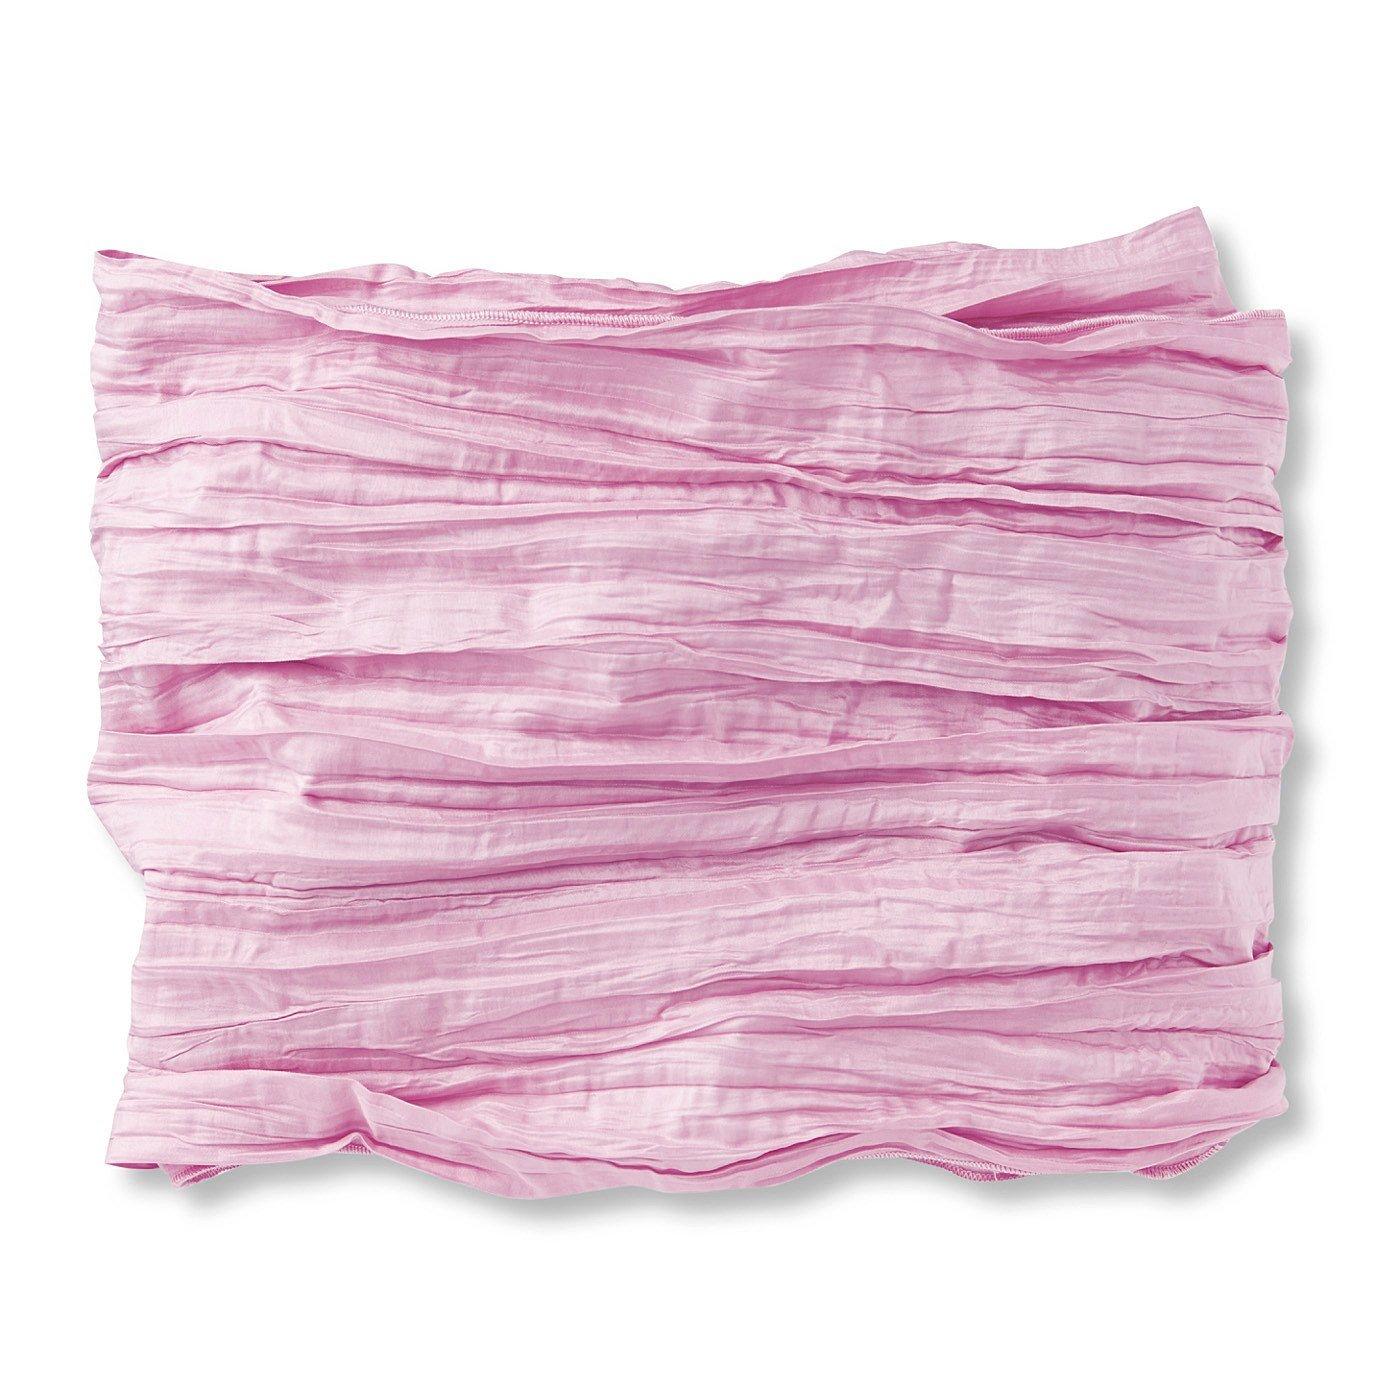 【3~10日でお届け】くしゅくしゅふんわりが素敵な兵児帯(へこおび)〈ピンク〉